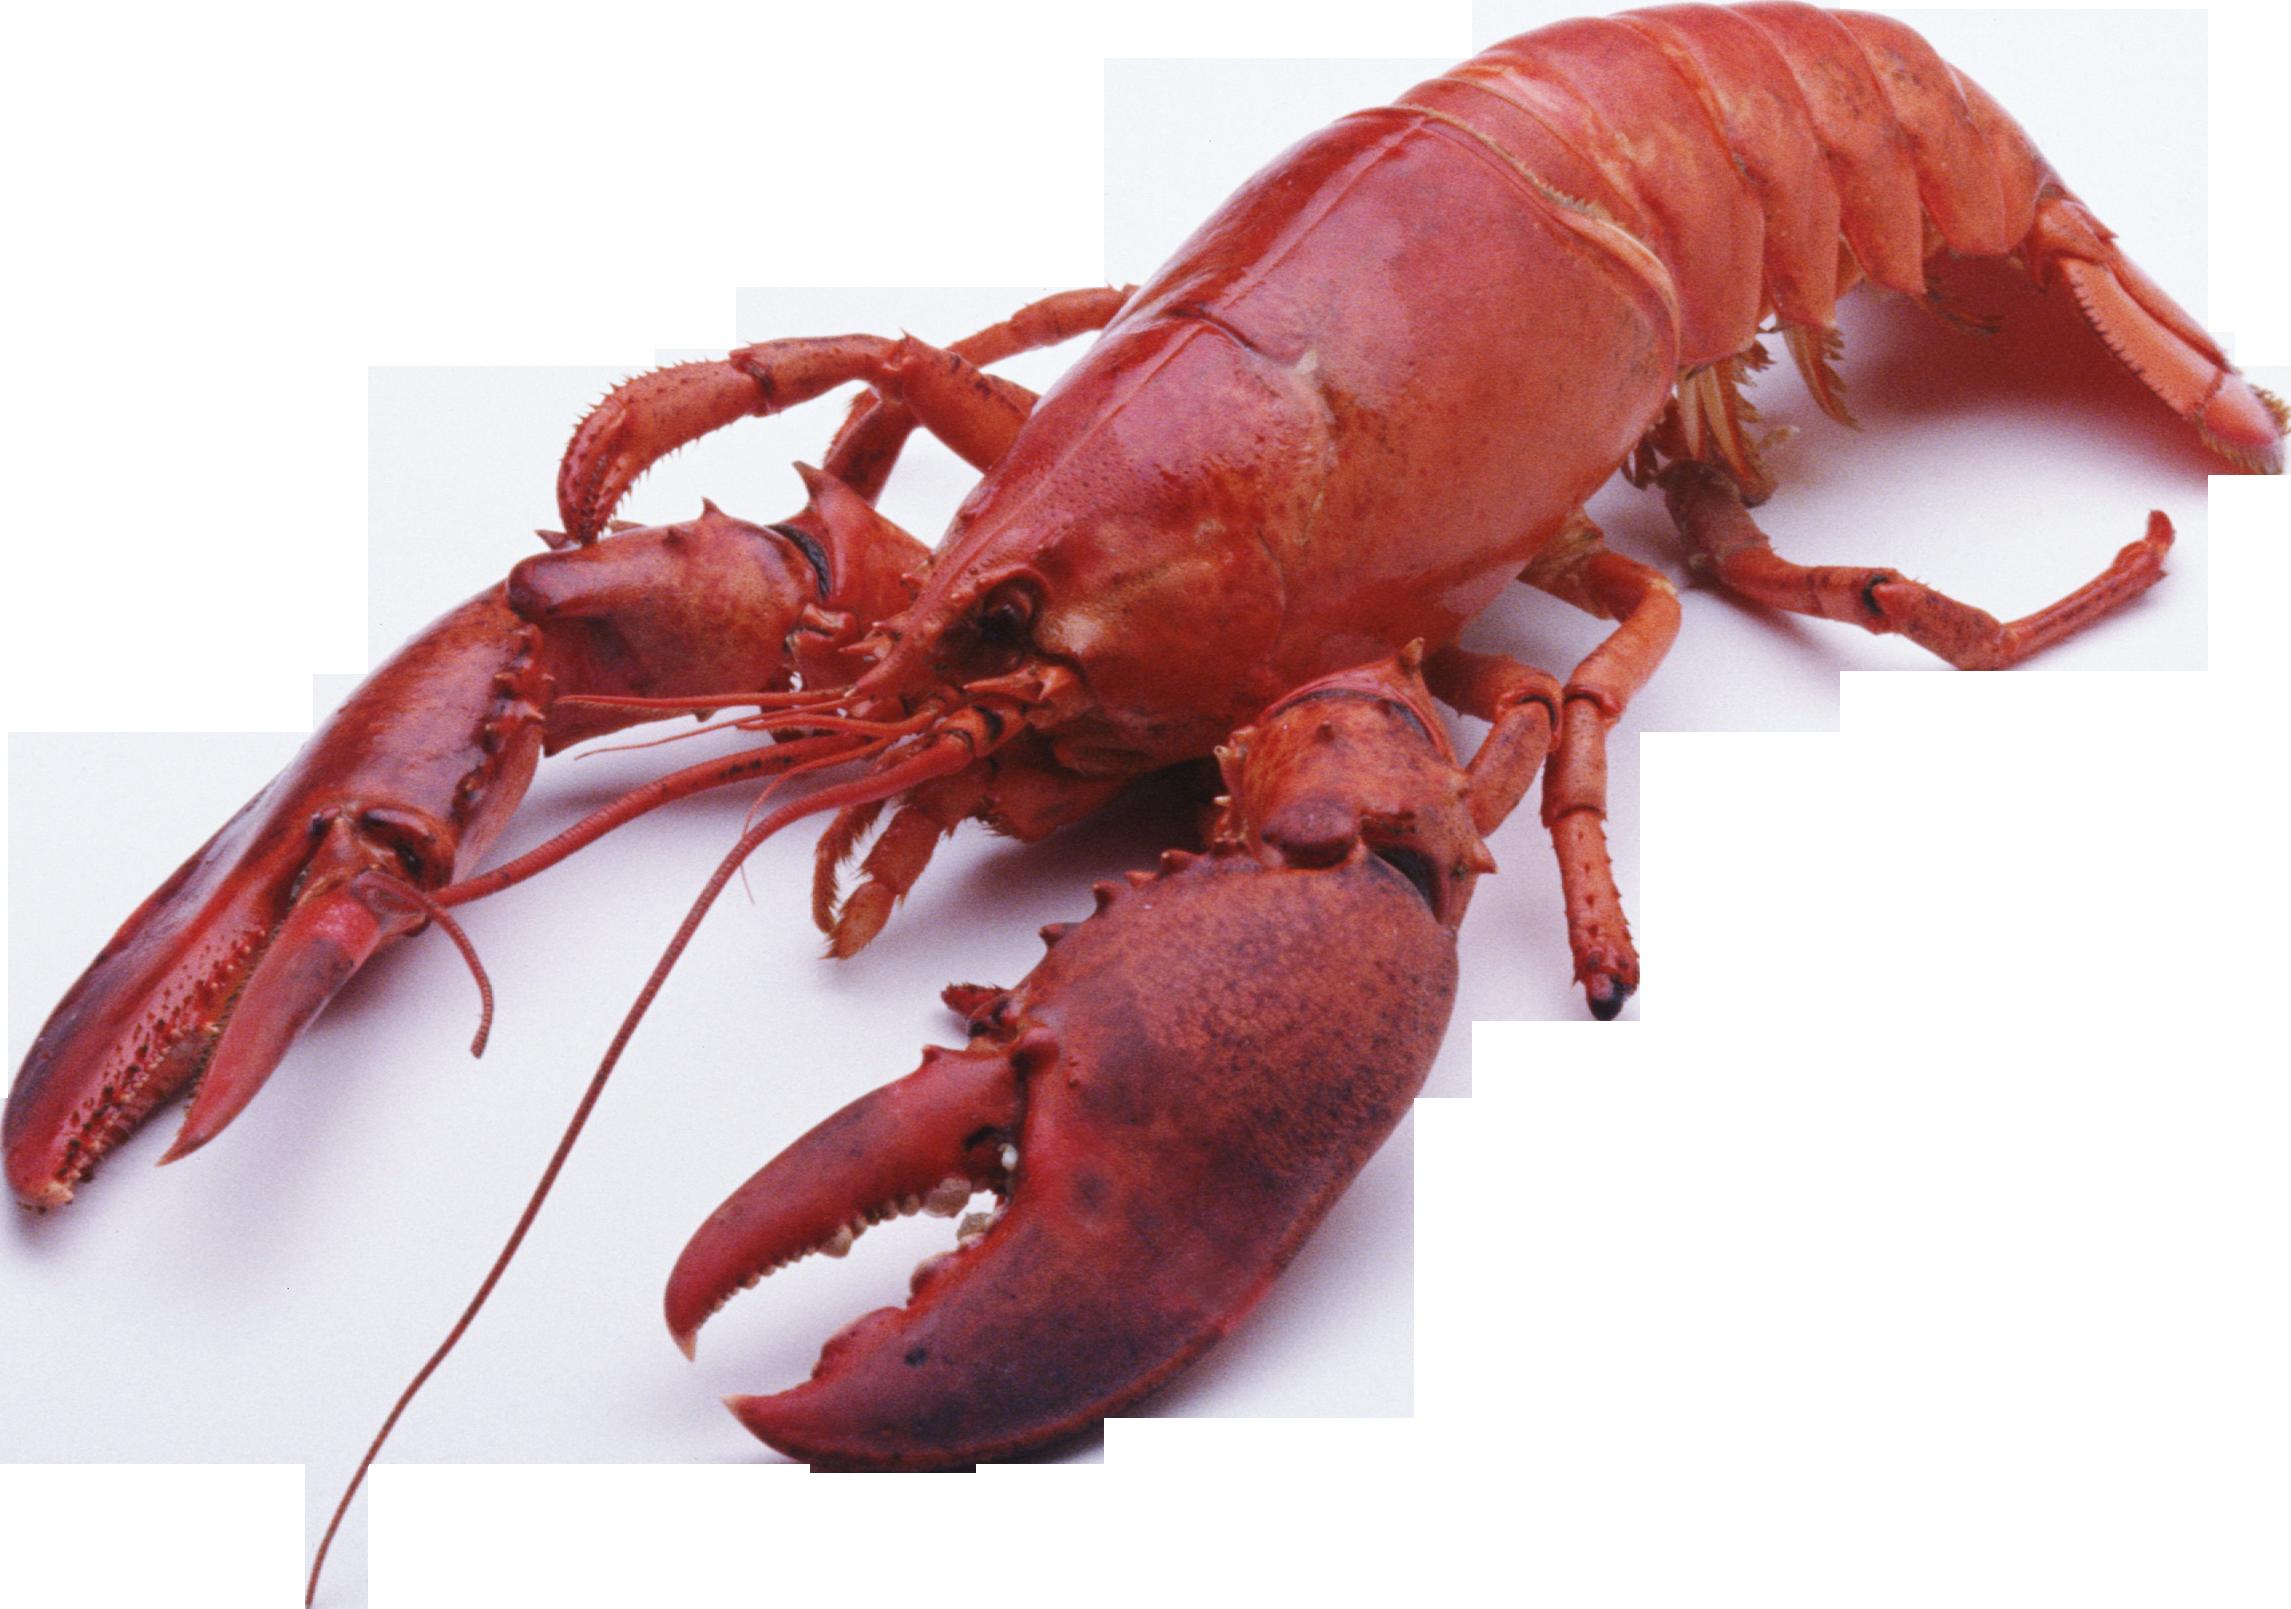 Lobster PNG images.